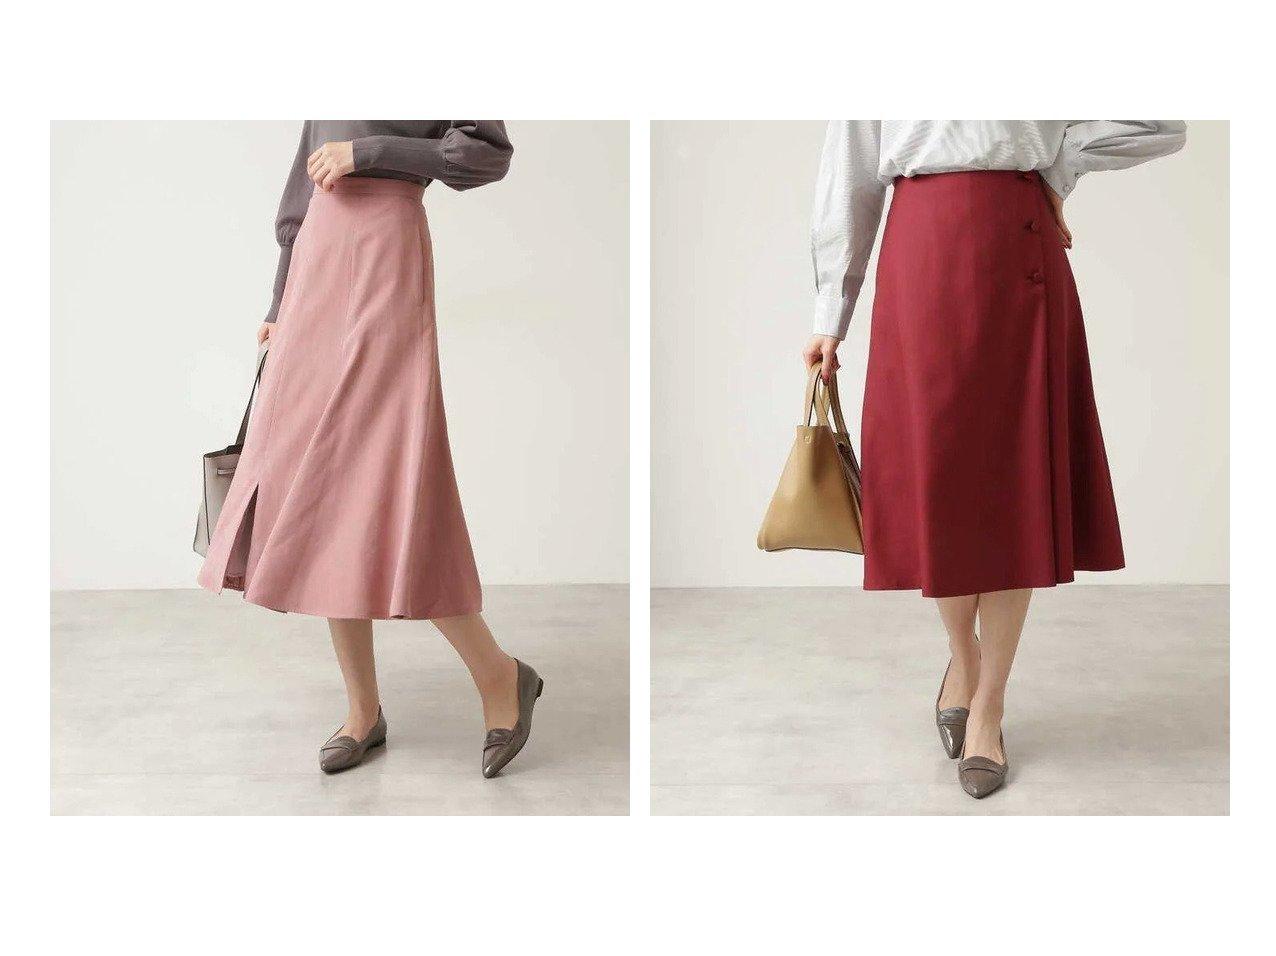 【NATURAL BEAUTY BASIC/ナチュラル ビューティー ベーシック】のフロントスリットスカート&くるみ釦アシメフレアスカート 【スカート】おすすめ!人気、トレンド・レディースファッションの通販 おすすめで人気の流行・トレンド、ファッションの通販商品 インテリア・家具・メンズファッション・キッズファッション・レディースファッション・服の通販 founy(ファニー) https://founy.com/ ファッション Fashion レディースファッション WOMEN スカート Skirt Aライン/フレアスカート Flared A-Line Skirts サテン シンプル スリット ピーチ フレア フロント 秋 Autumn/Fall おすすめ Recommend ジャケット  ID:crp329100000065220